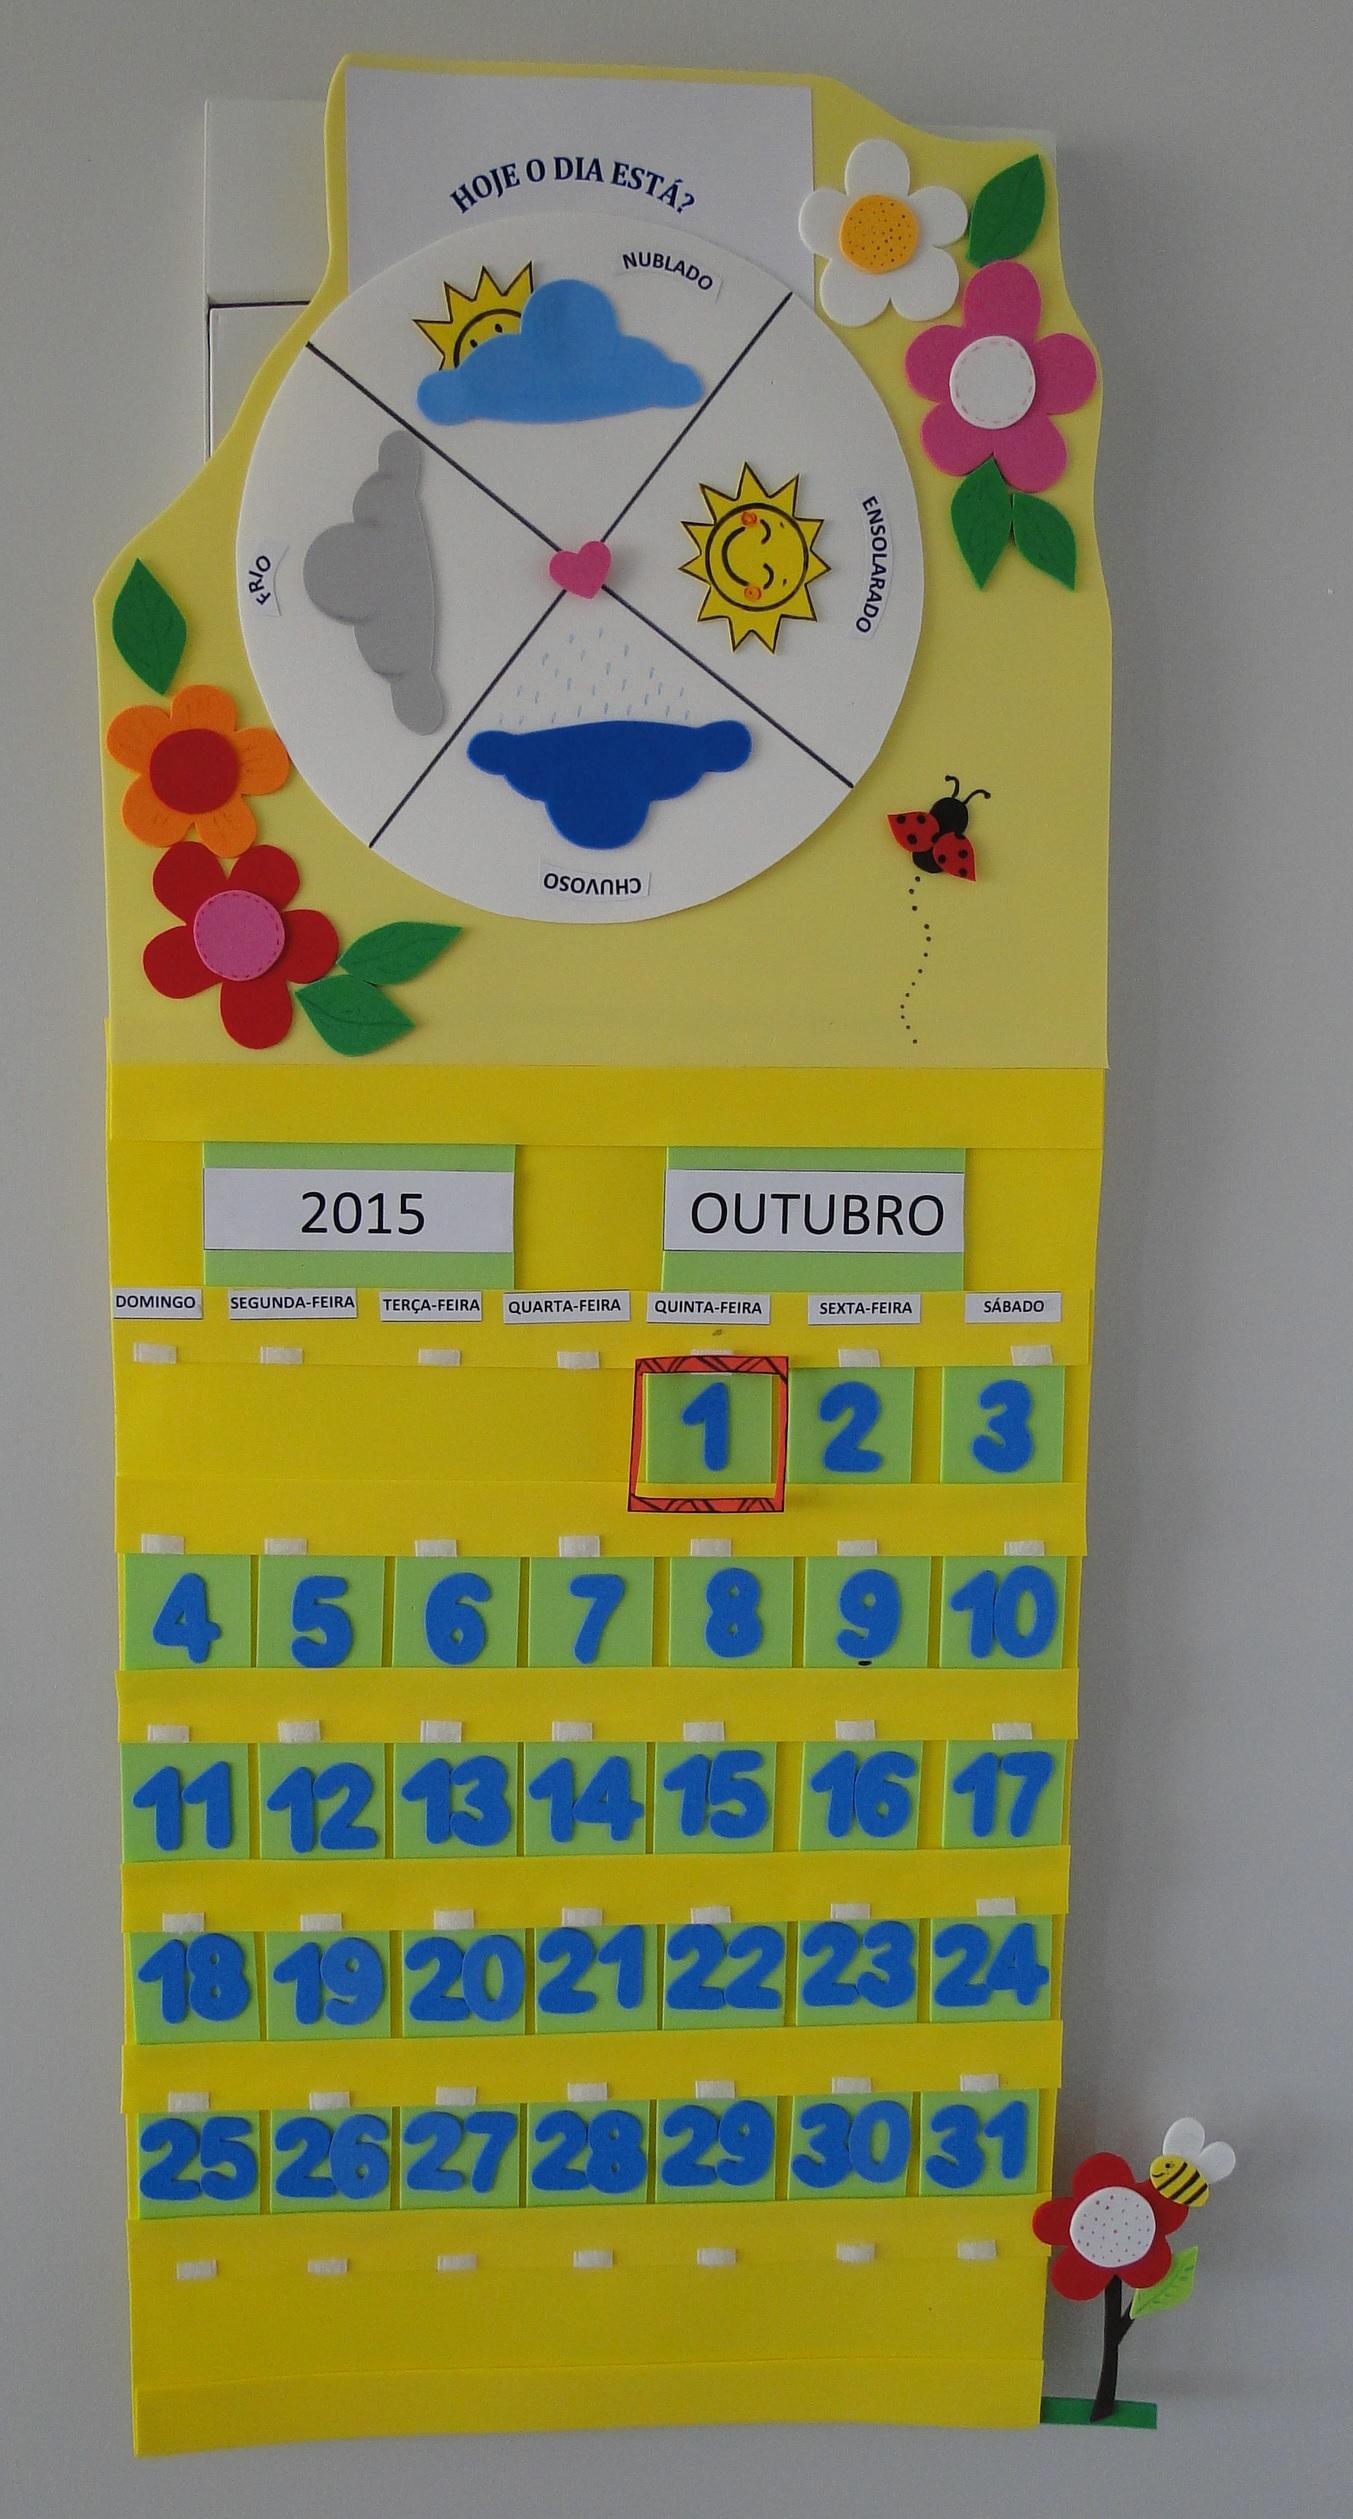 Extremamente Calendário + Tabela do Tempo em EVA no Elo7 | EVA SOB MEDIDA (5ABF89) HX03